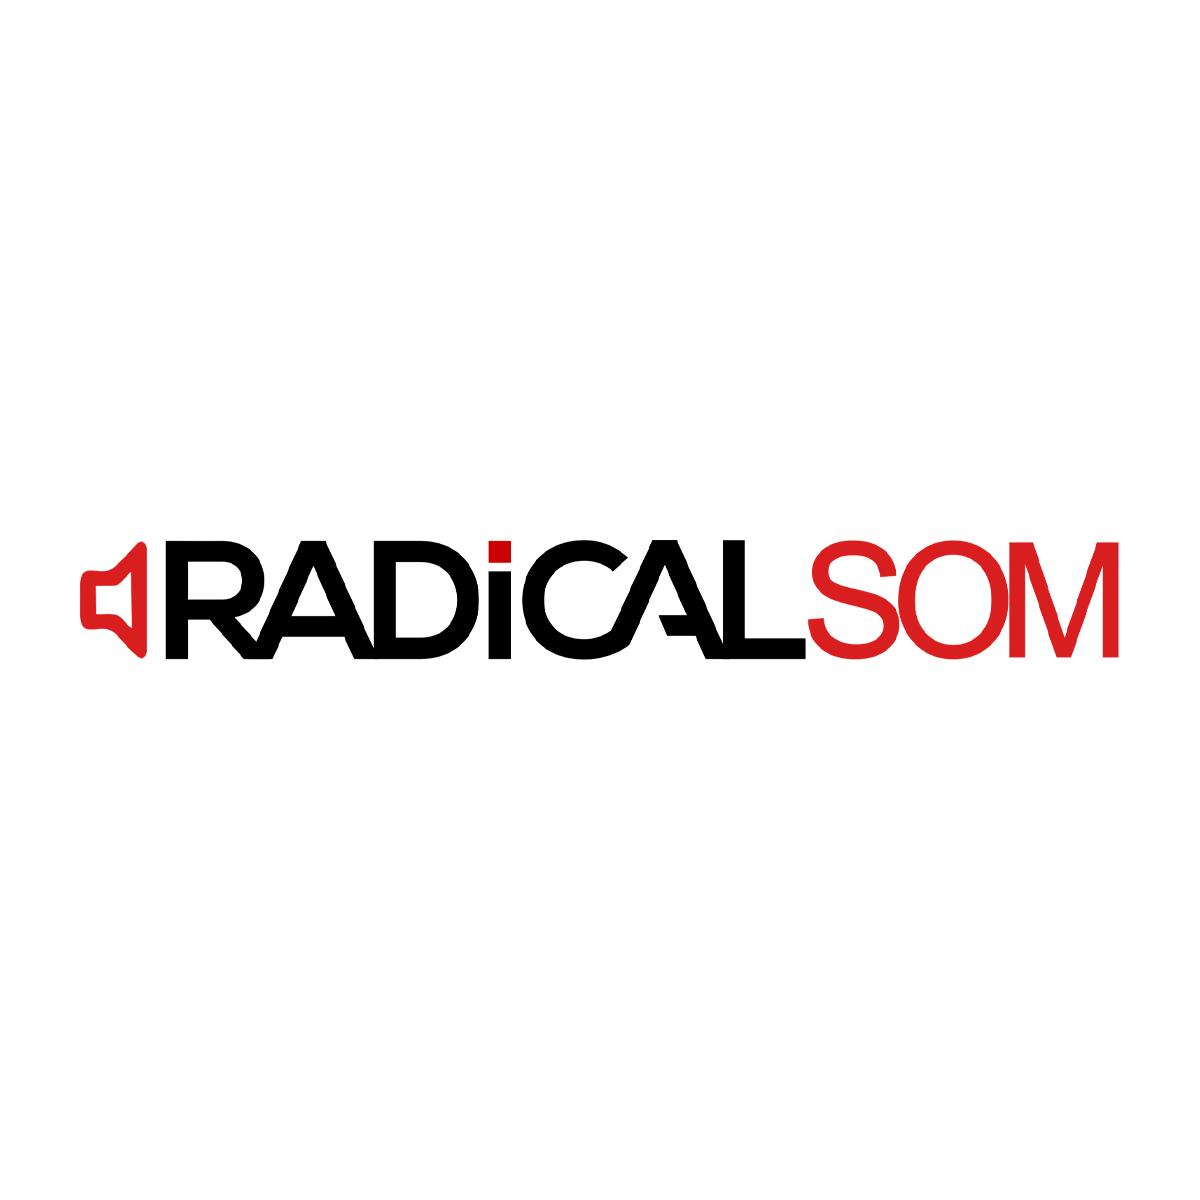 Radical Som